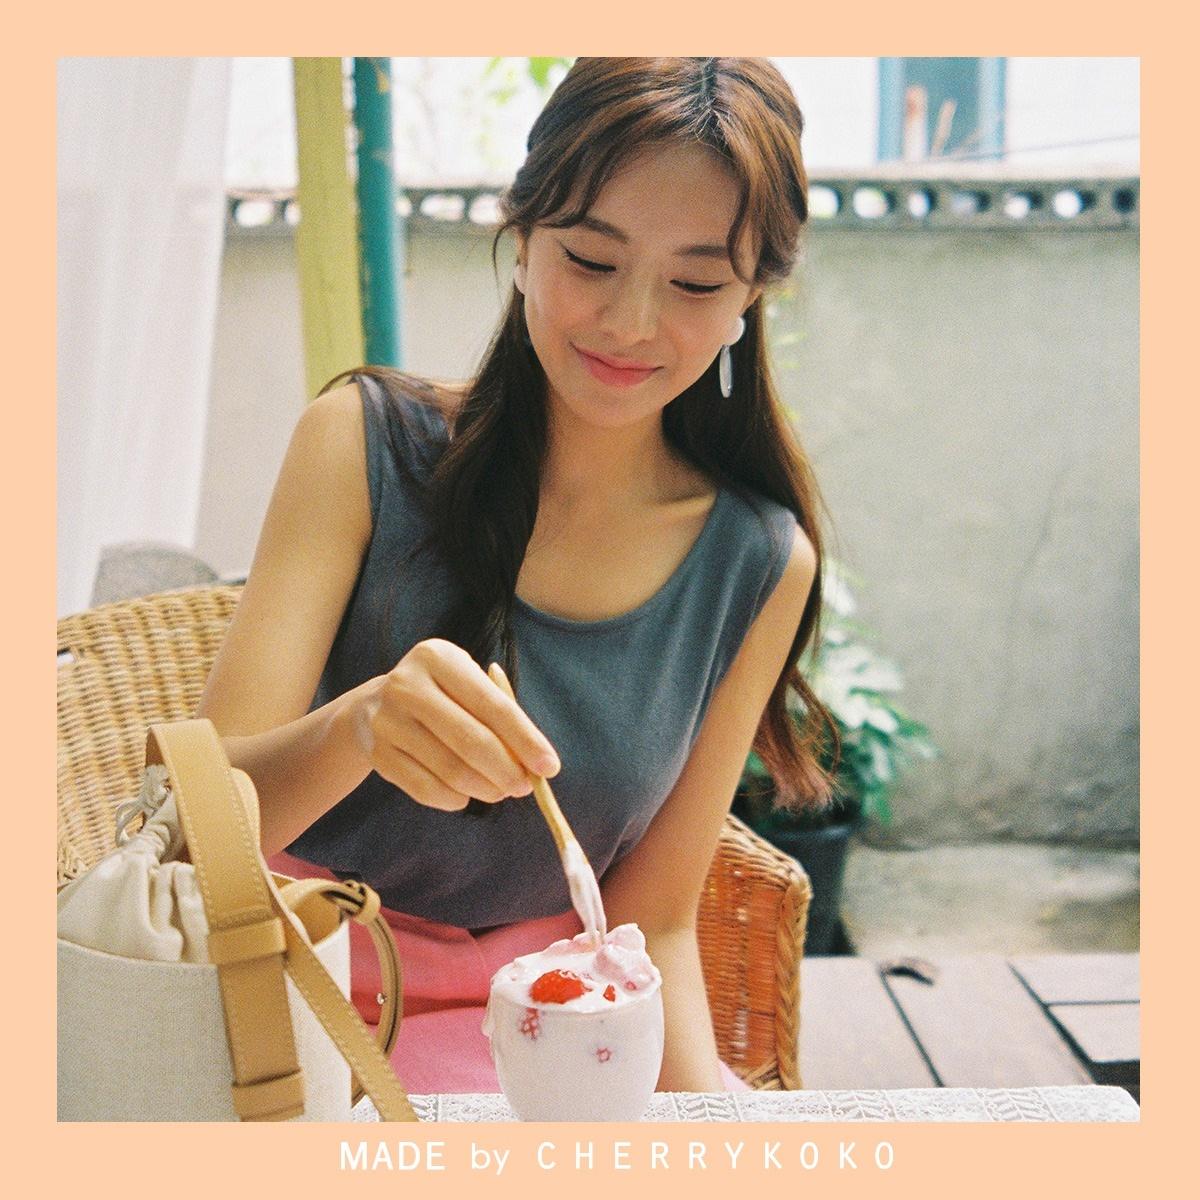 韓國正品 CHERRYKOKO 夏季新品 sunkist 厚肩帶舒適無袖T卹